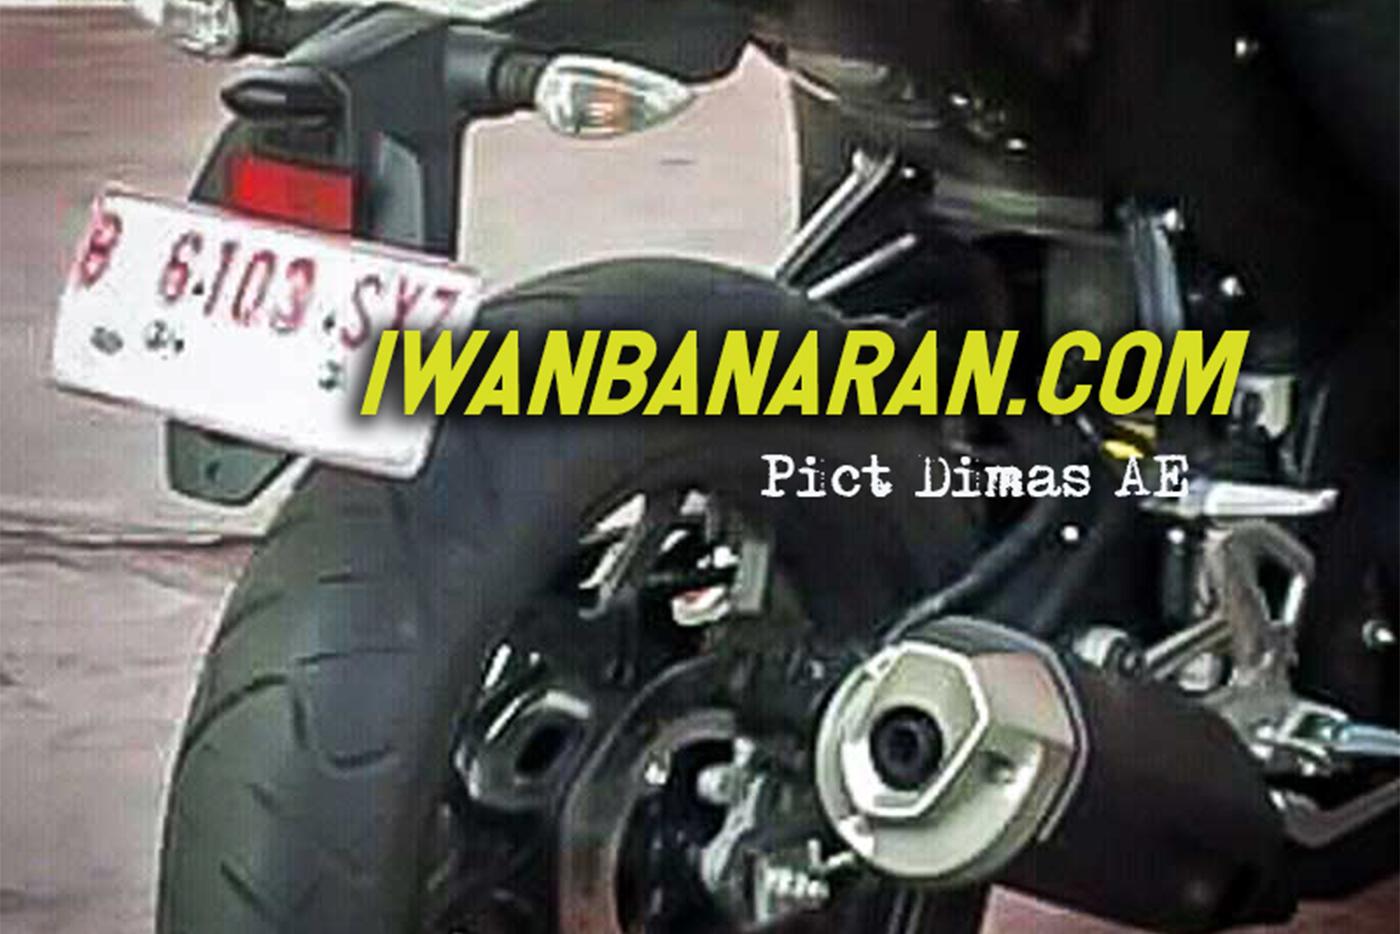 yamaha-xabre-facelift-8.jpg